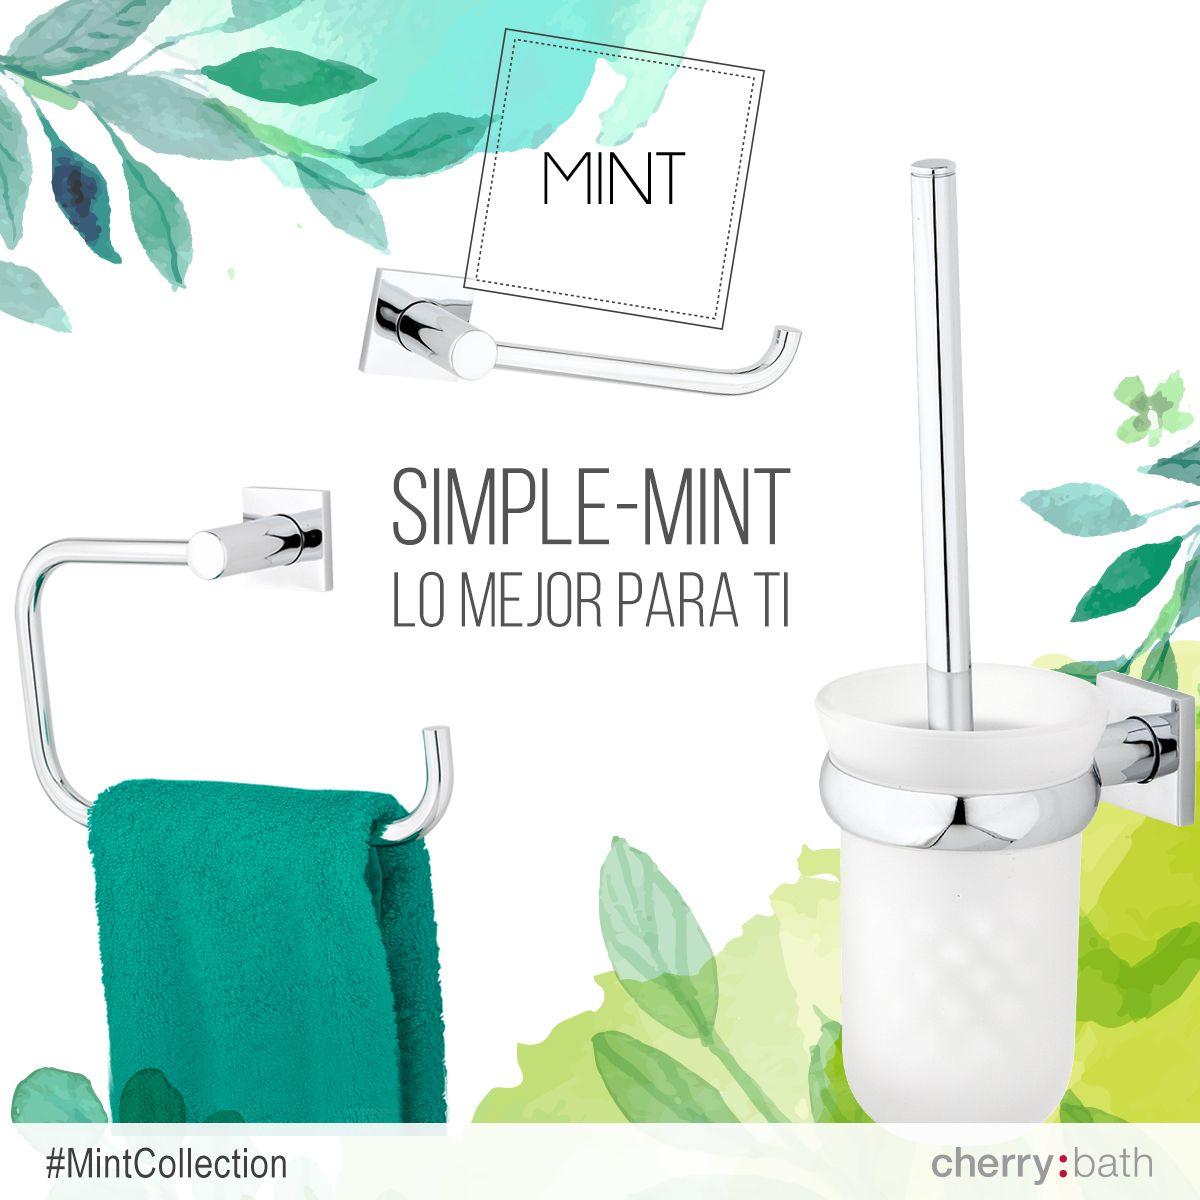 Mint Collection, simpleMINT los mejores accesorios de baño #bathroom #decoracion #diseño #verde #hogar #accesoriosbaño #baño #toallero #aro #escobillero